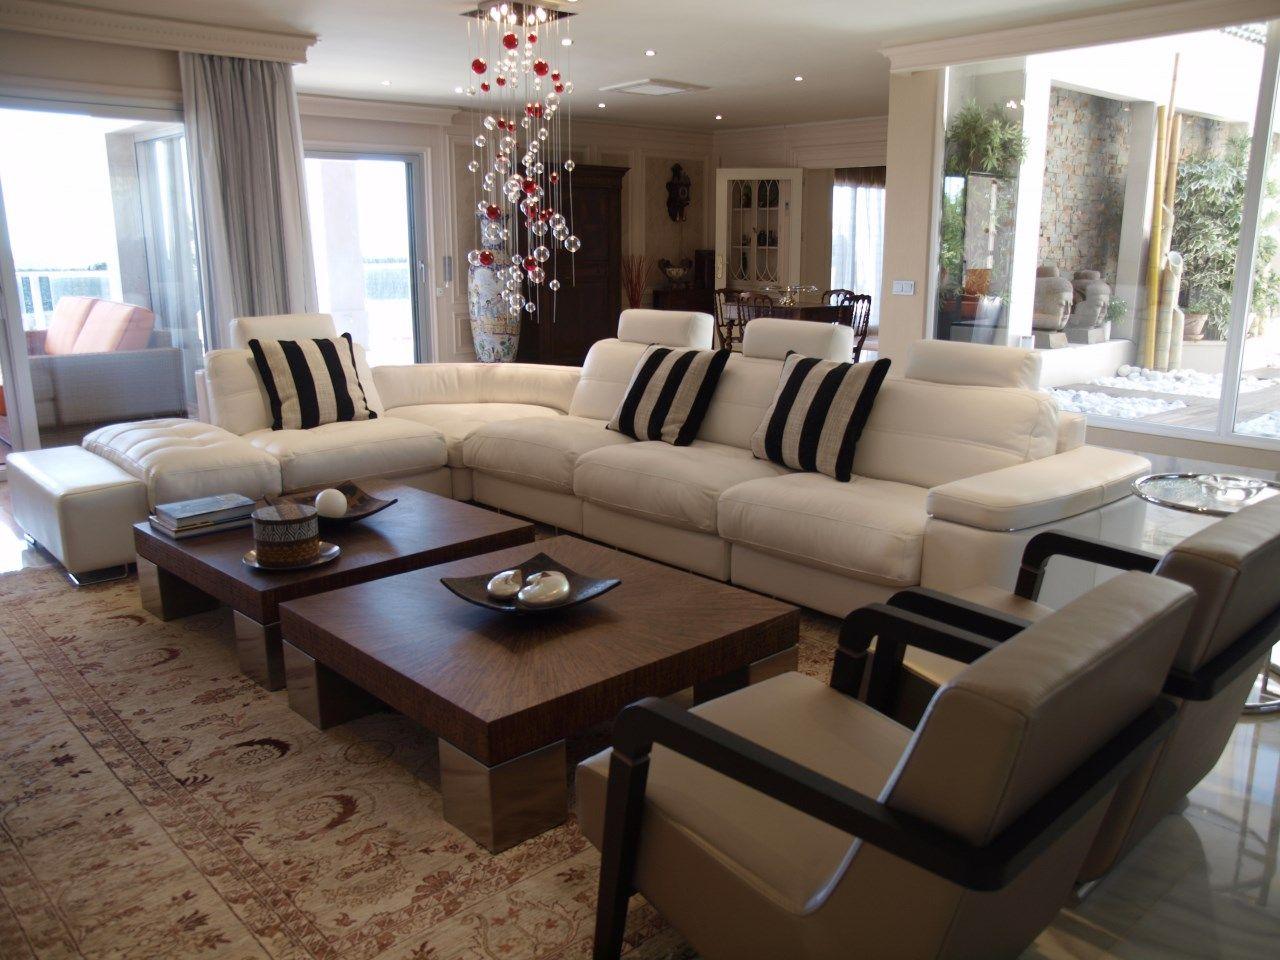 Elegante sal n de dise o minimalista moderno en tonos blanco negro y madera combinaci n de - Salon minimalista moderno ...